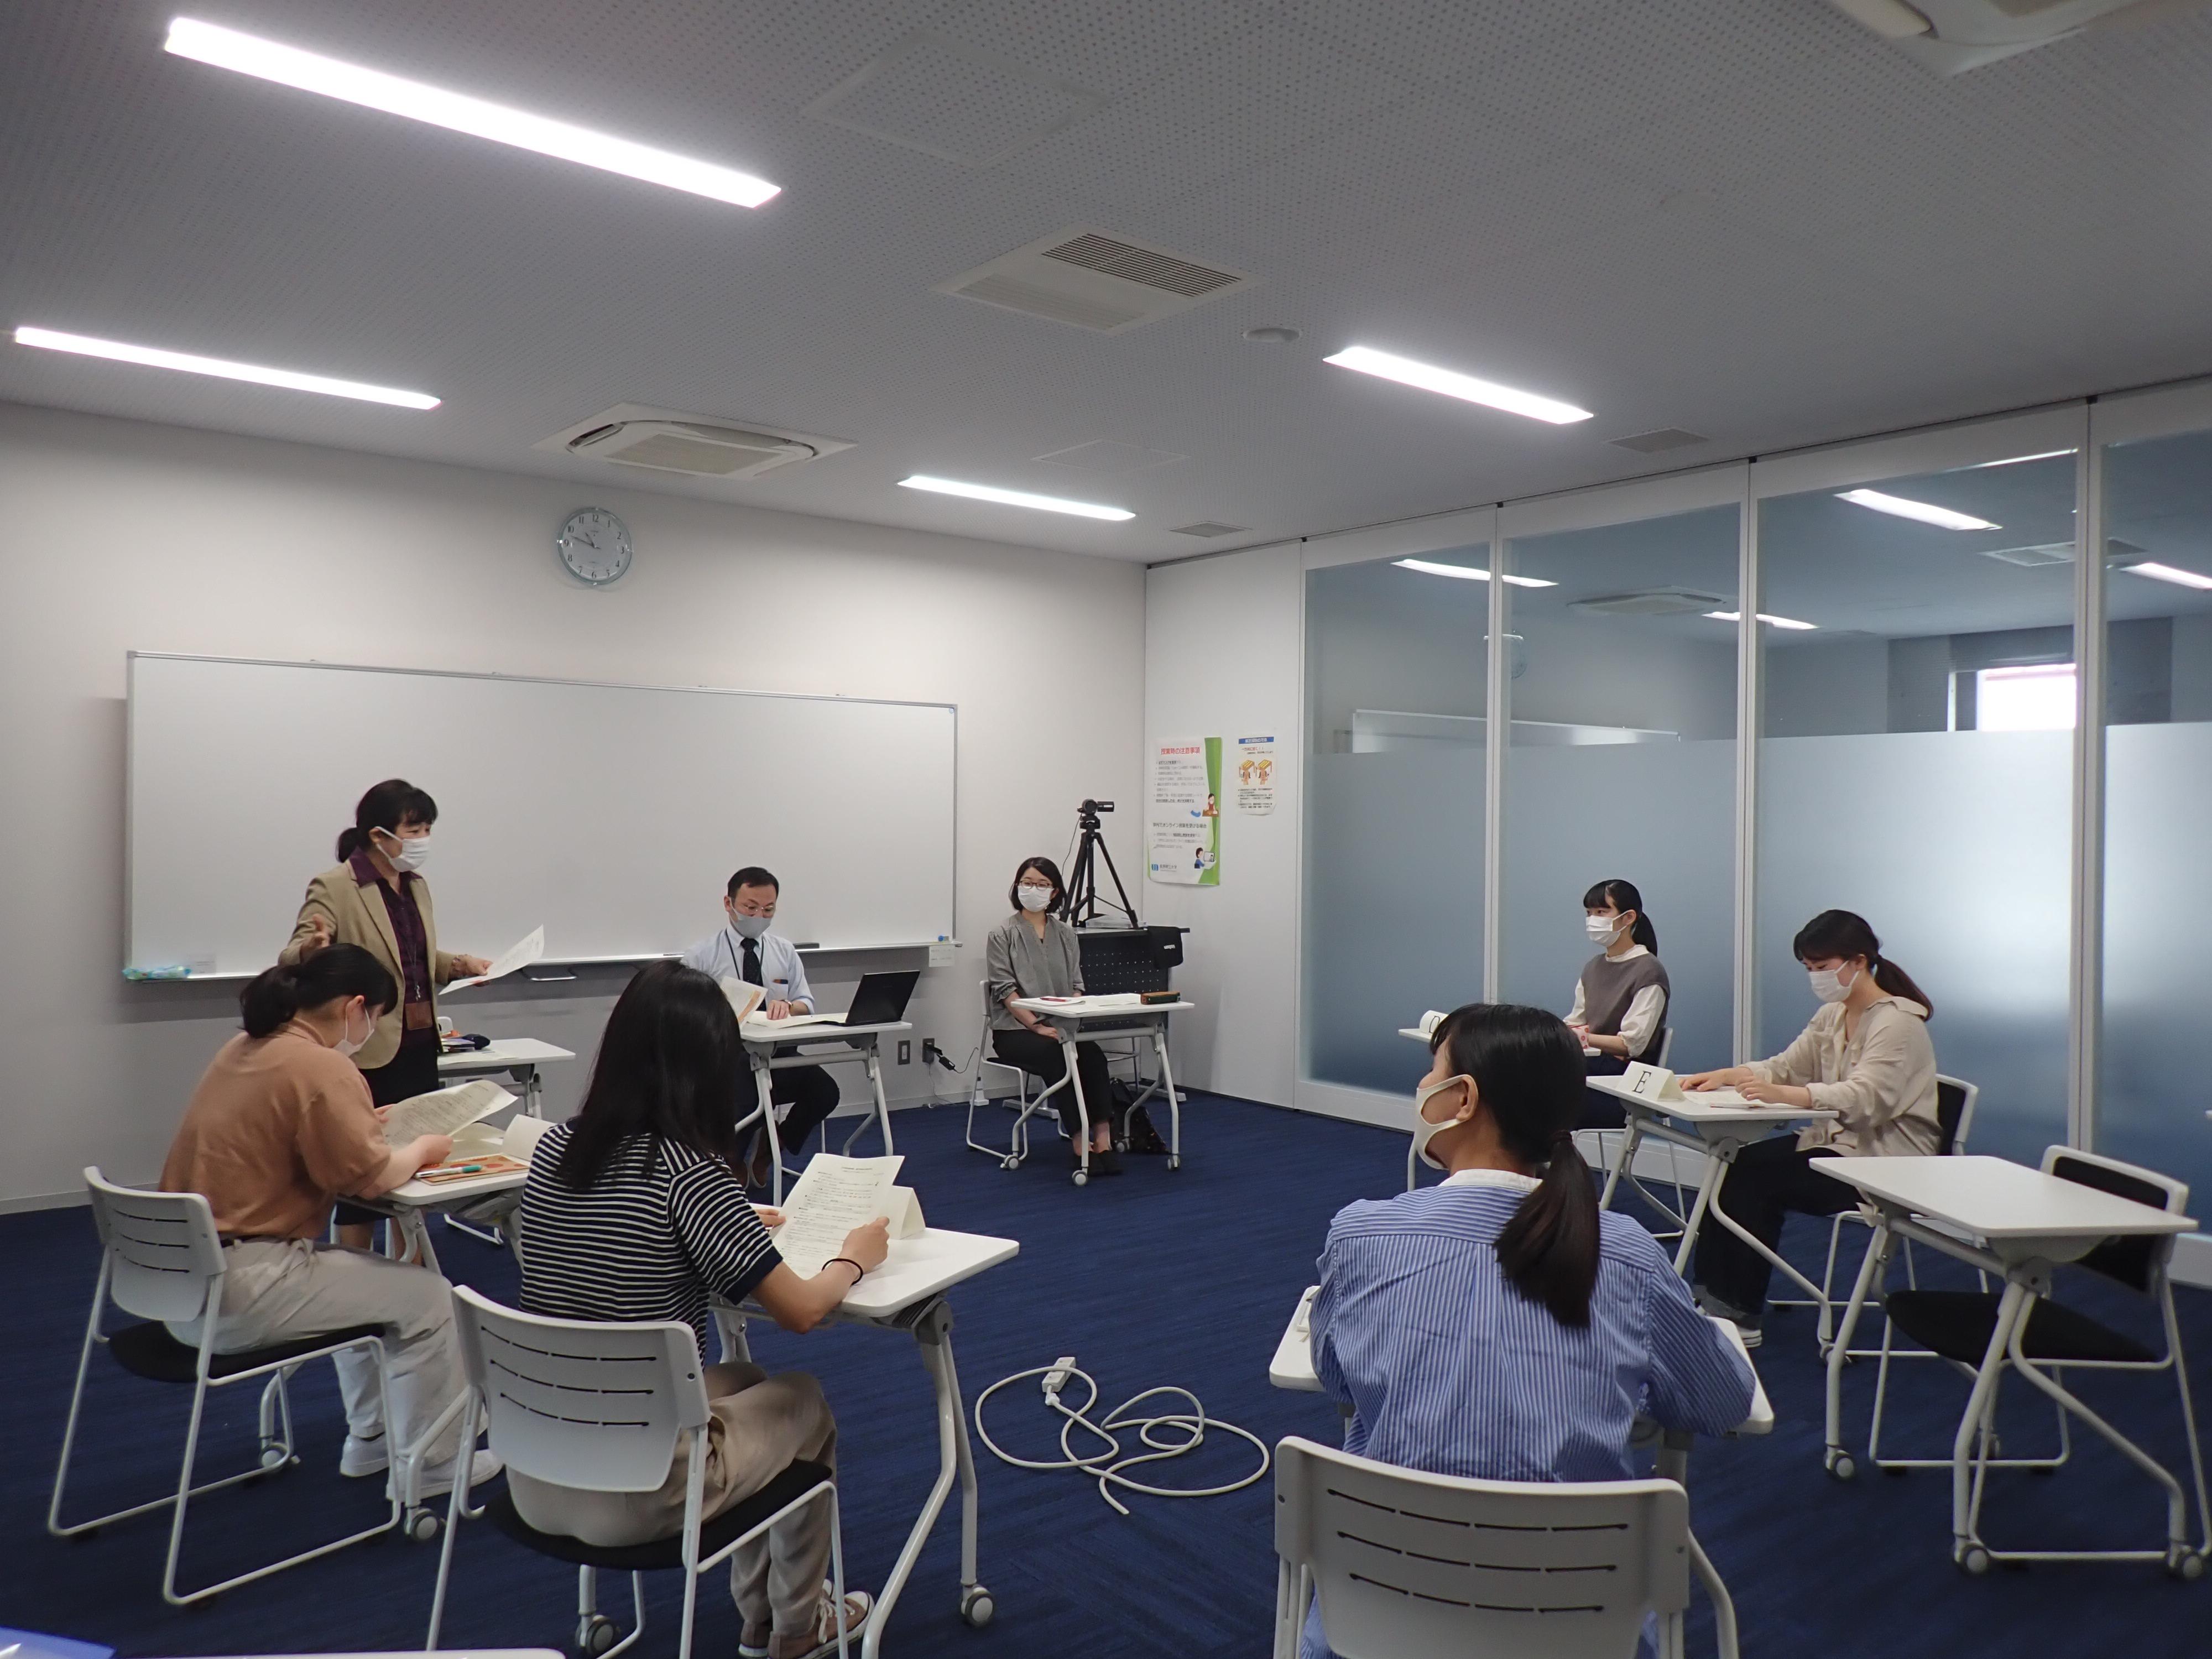 学生がメモをとりながら話を聞いている写真